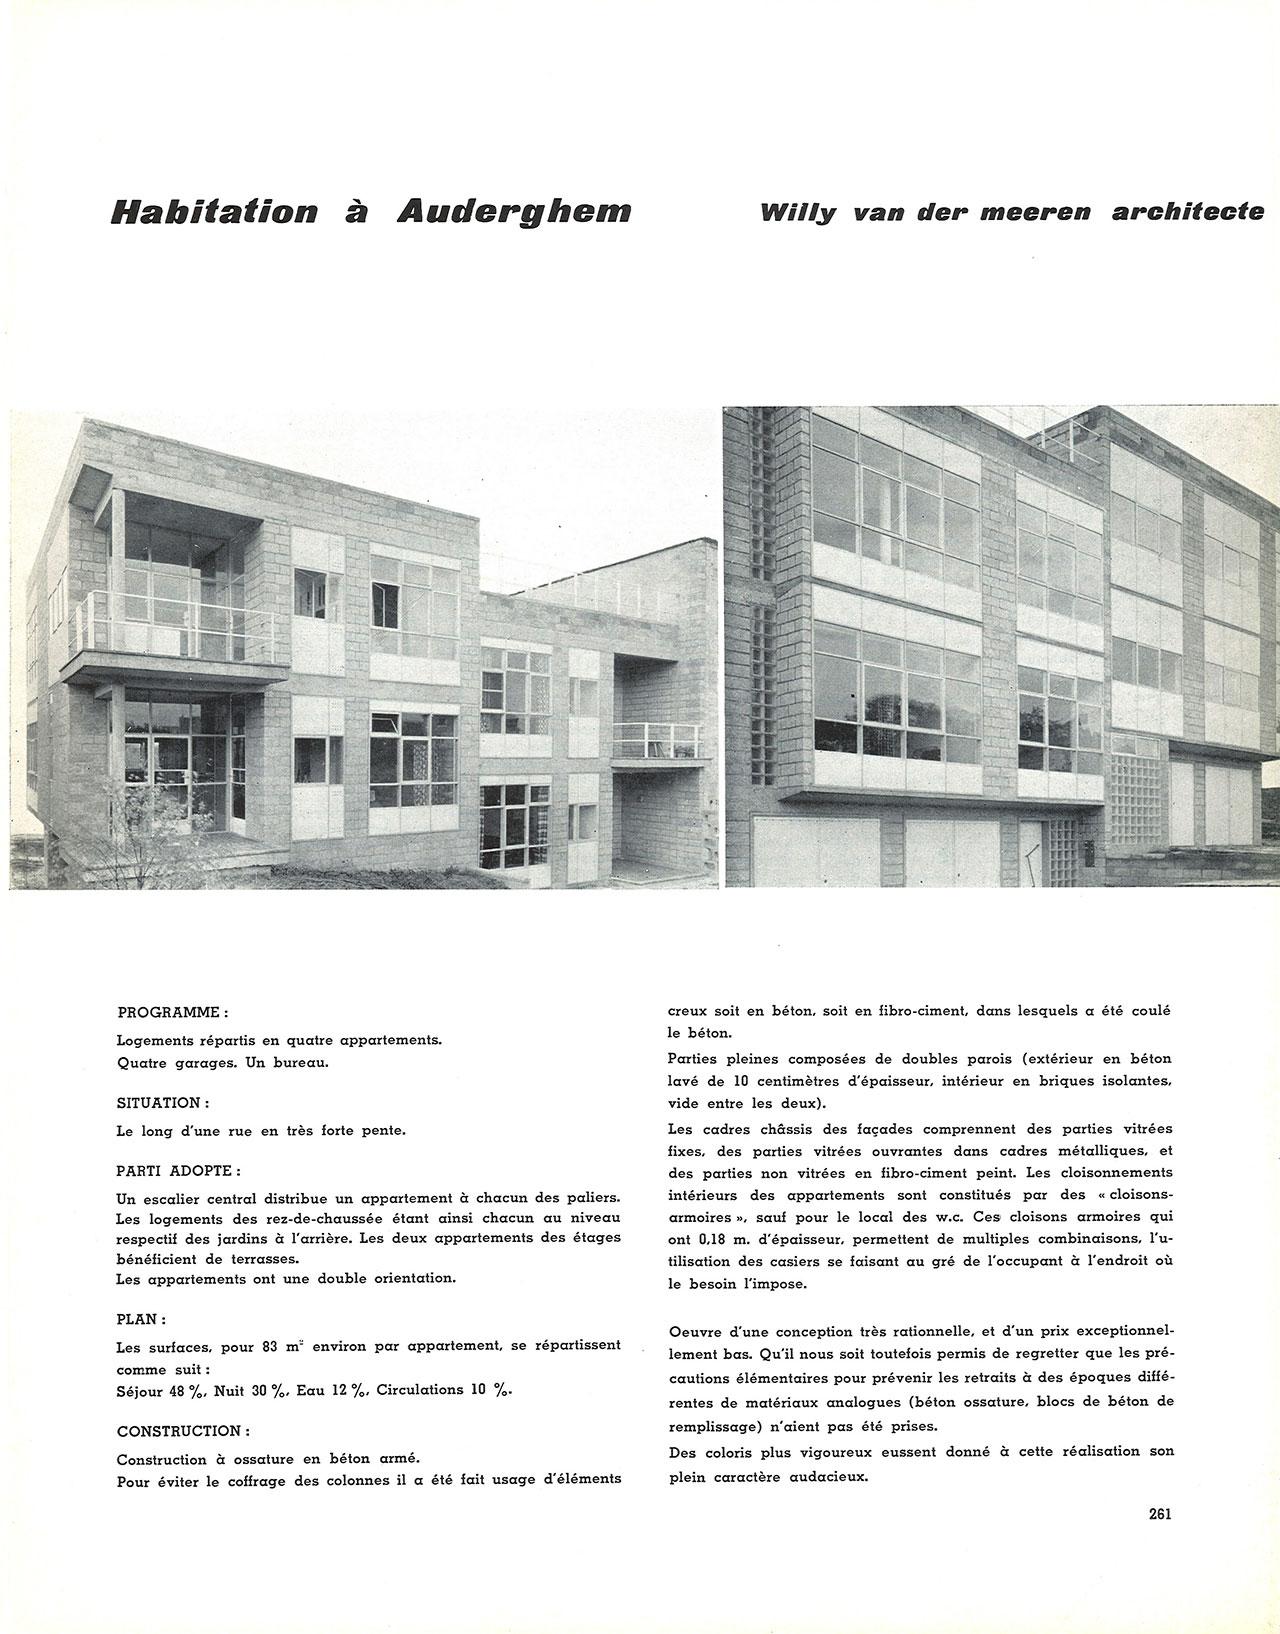 Habitation à Auderghem